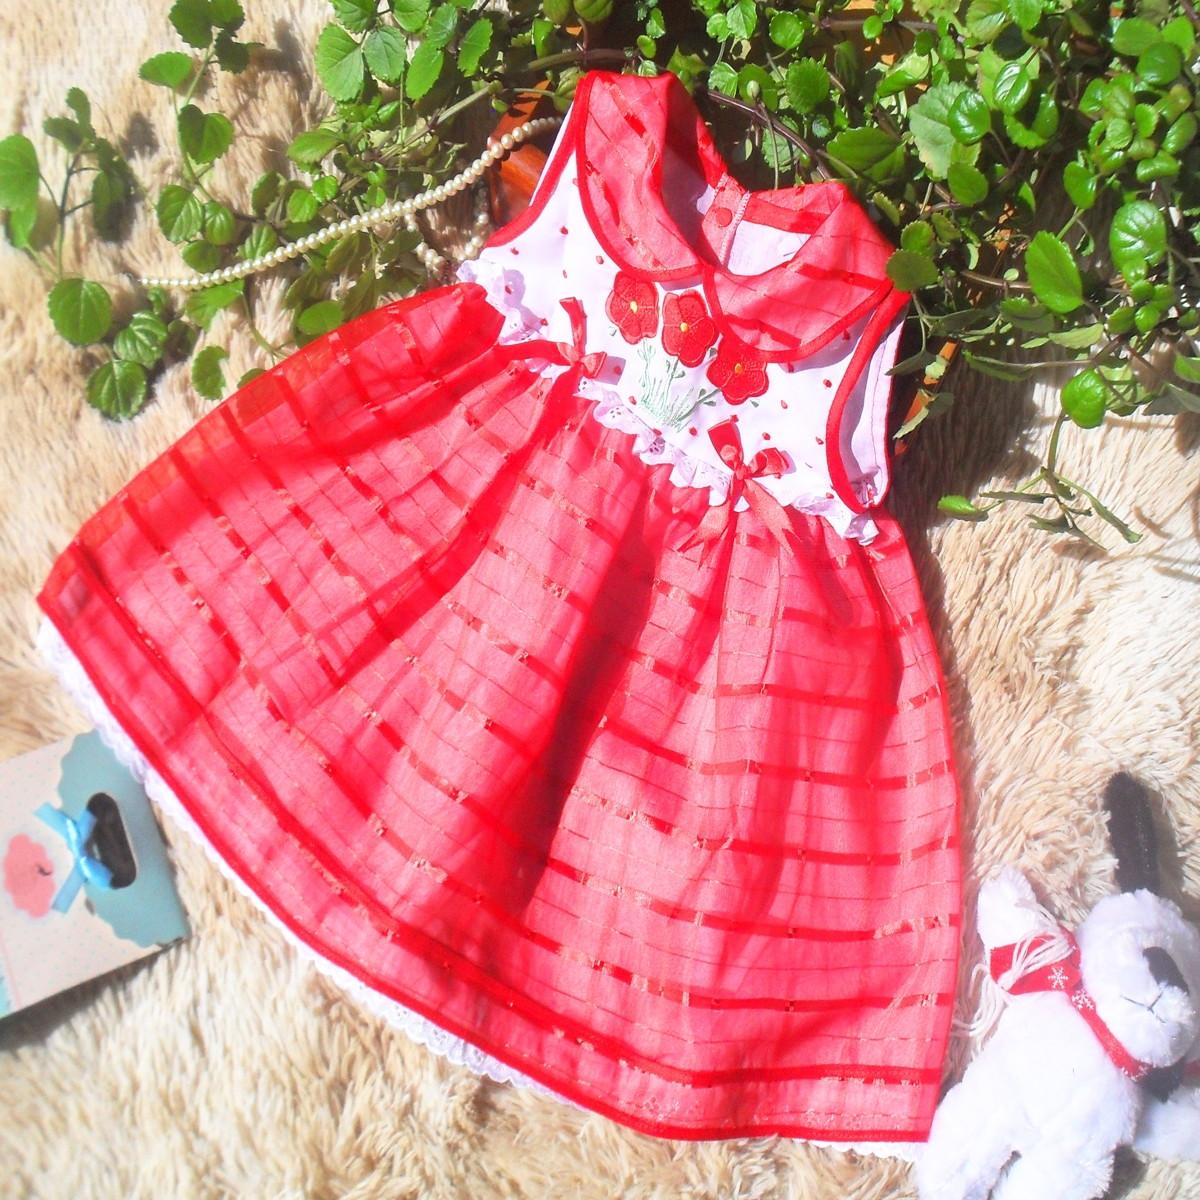 cd2bf26165 Vestido Infantil Festa Vermelho Bordado no Elo7